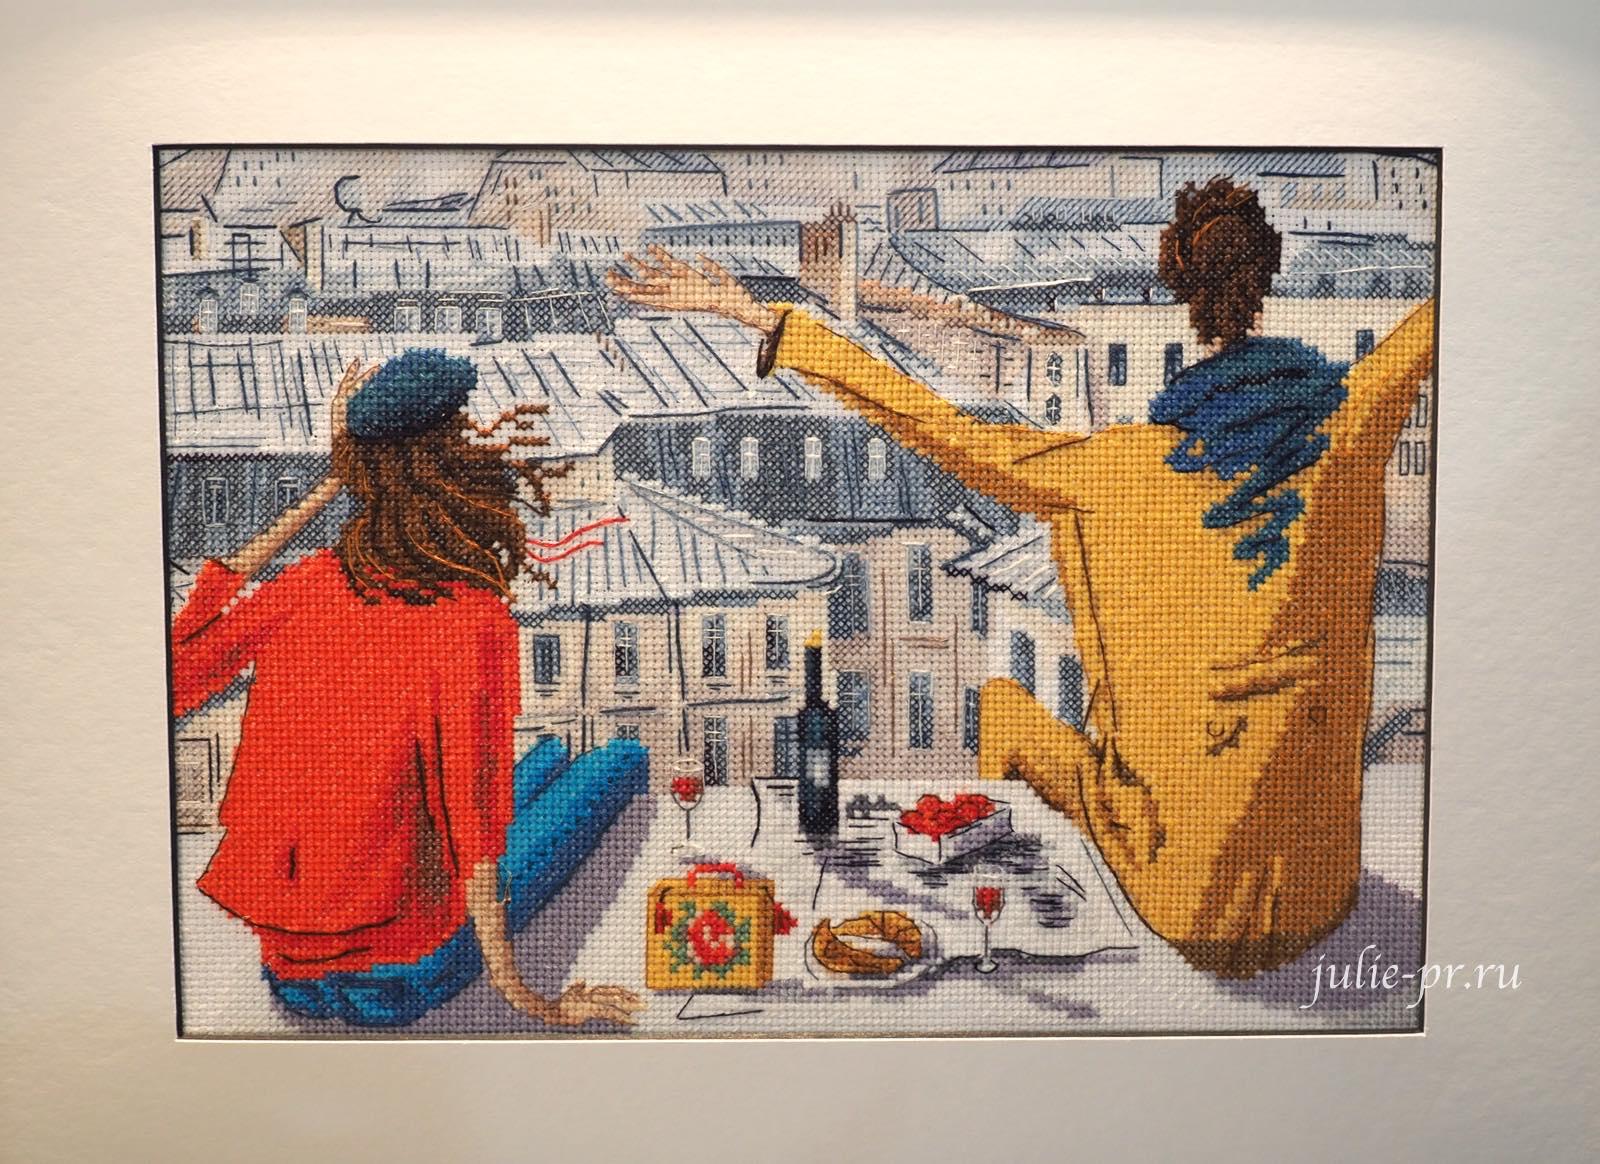 RTO, РТО, формула рукоделия осень 2021, вышивка крестом, выставка, Париж